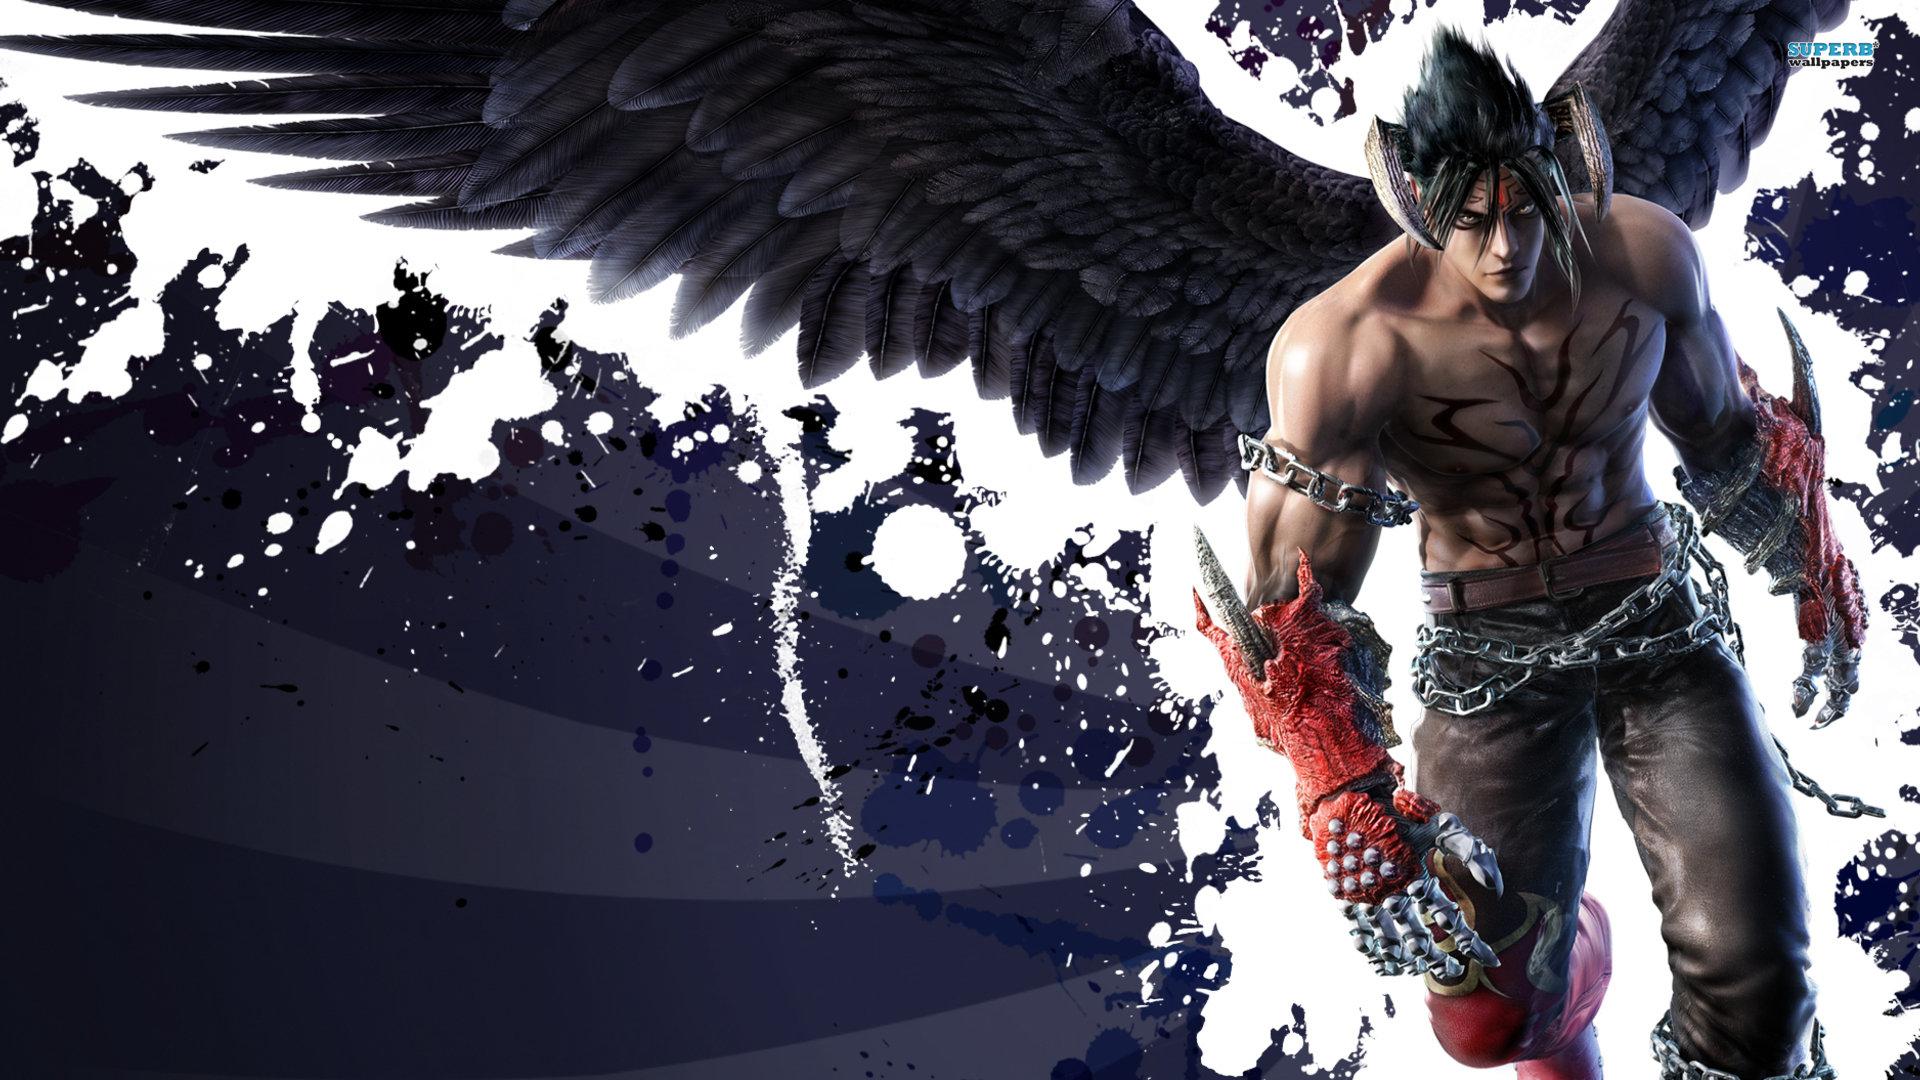 High Resolution Tekken Full Hd 1080p Wallpaper Id465302 For